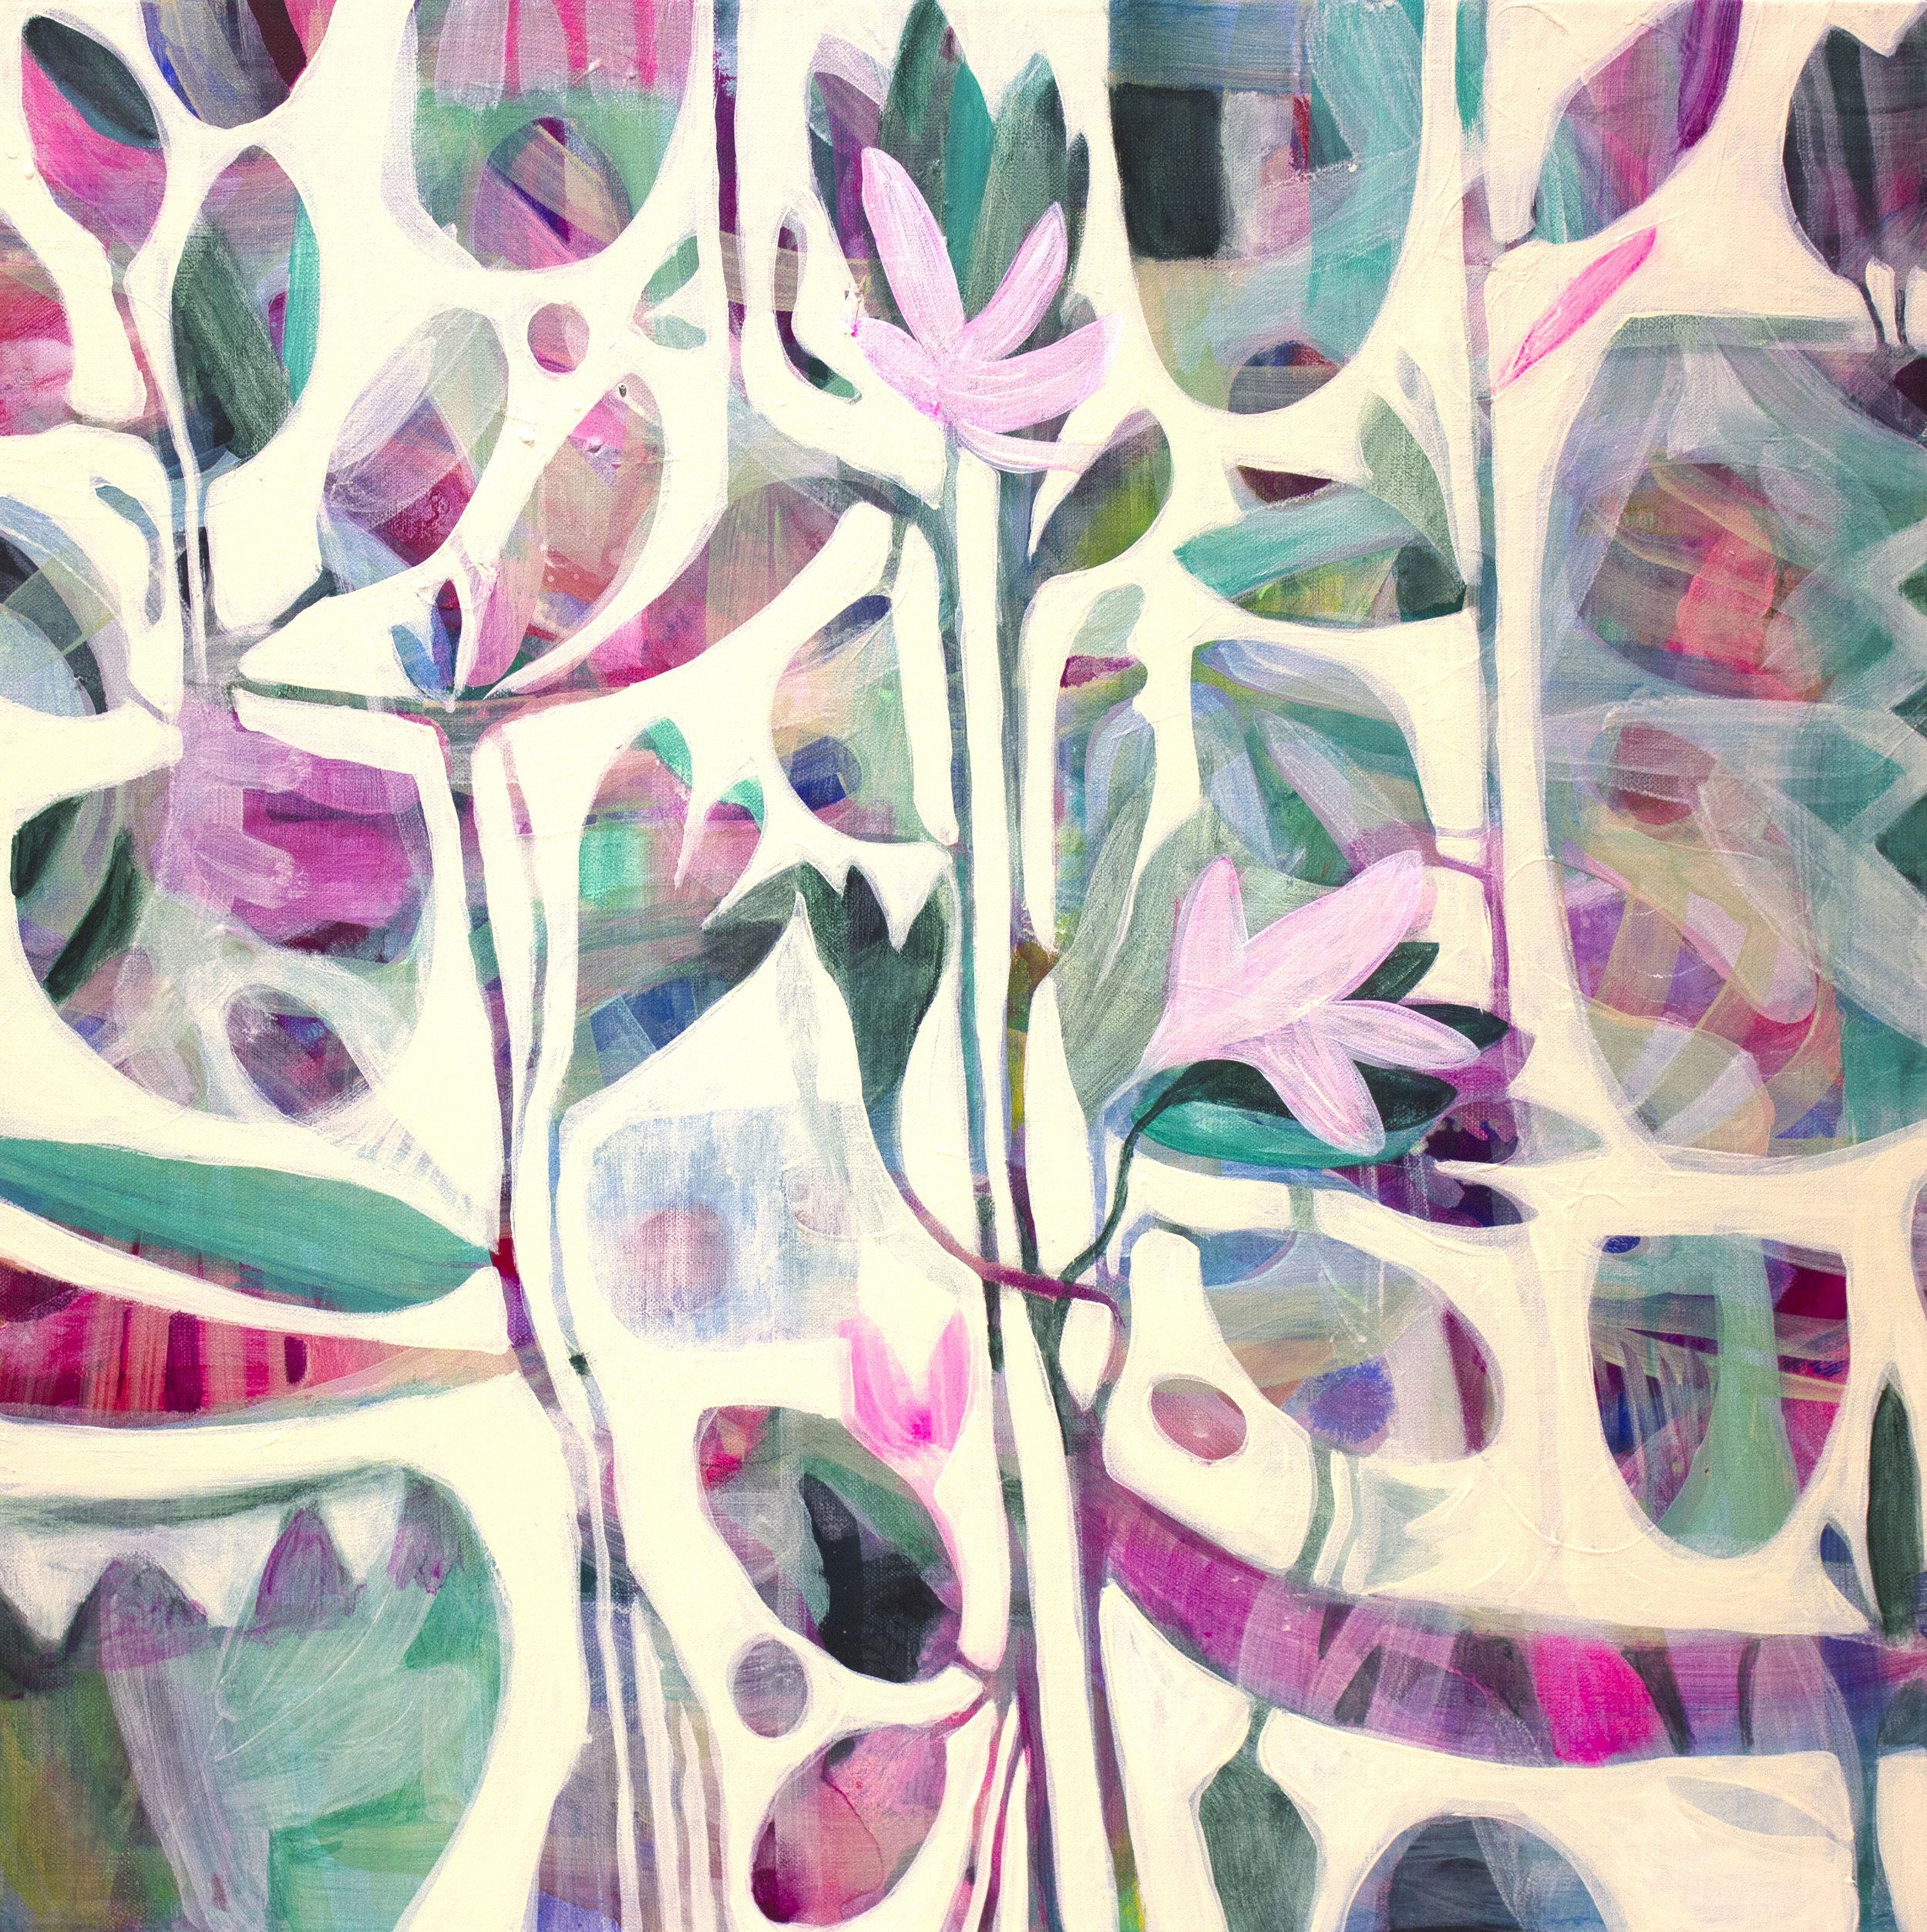 GENTLE SWAY | 50 x 50 cm $370